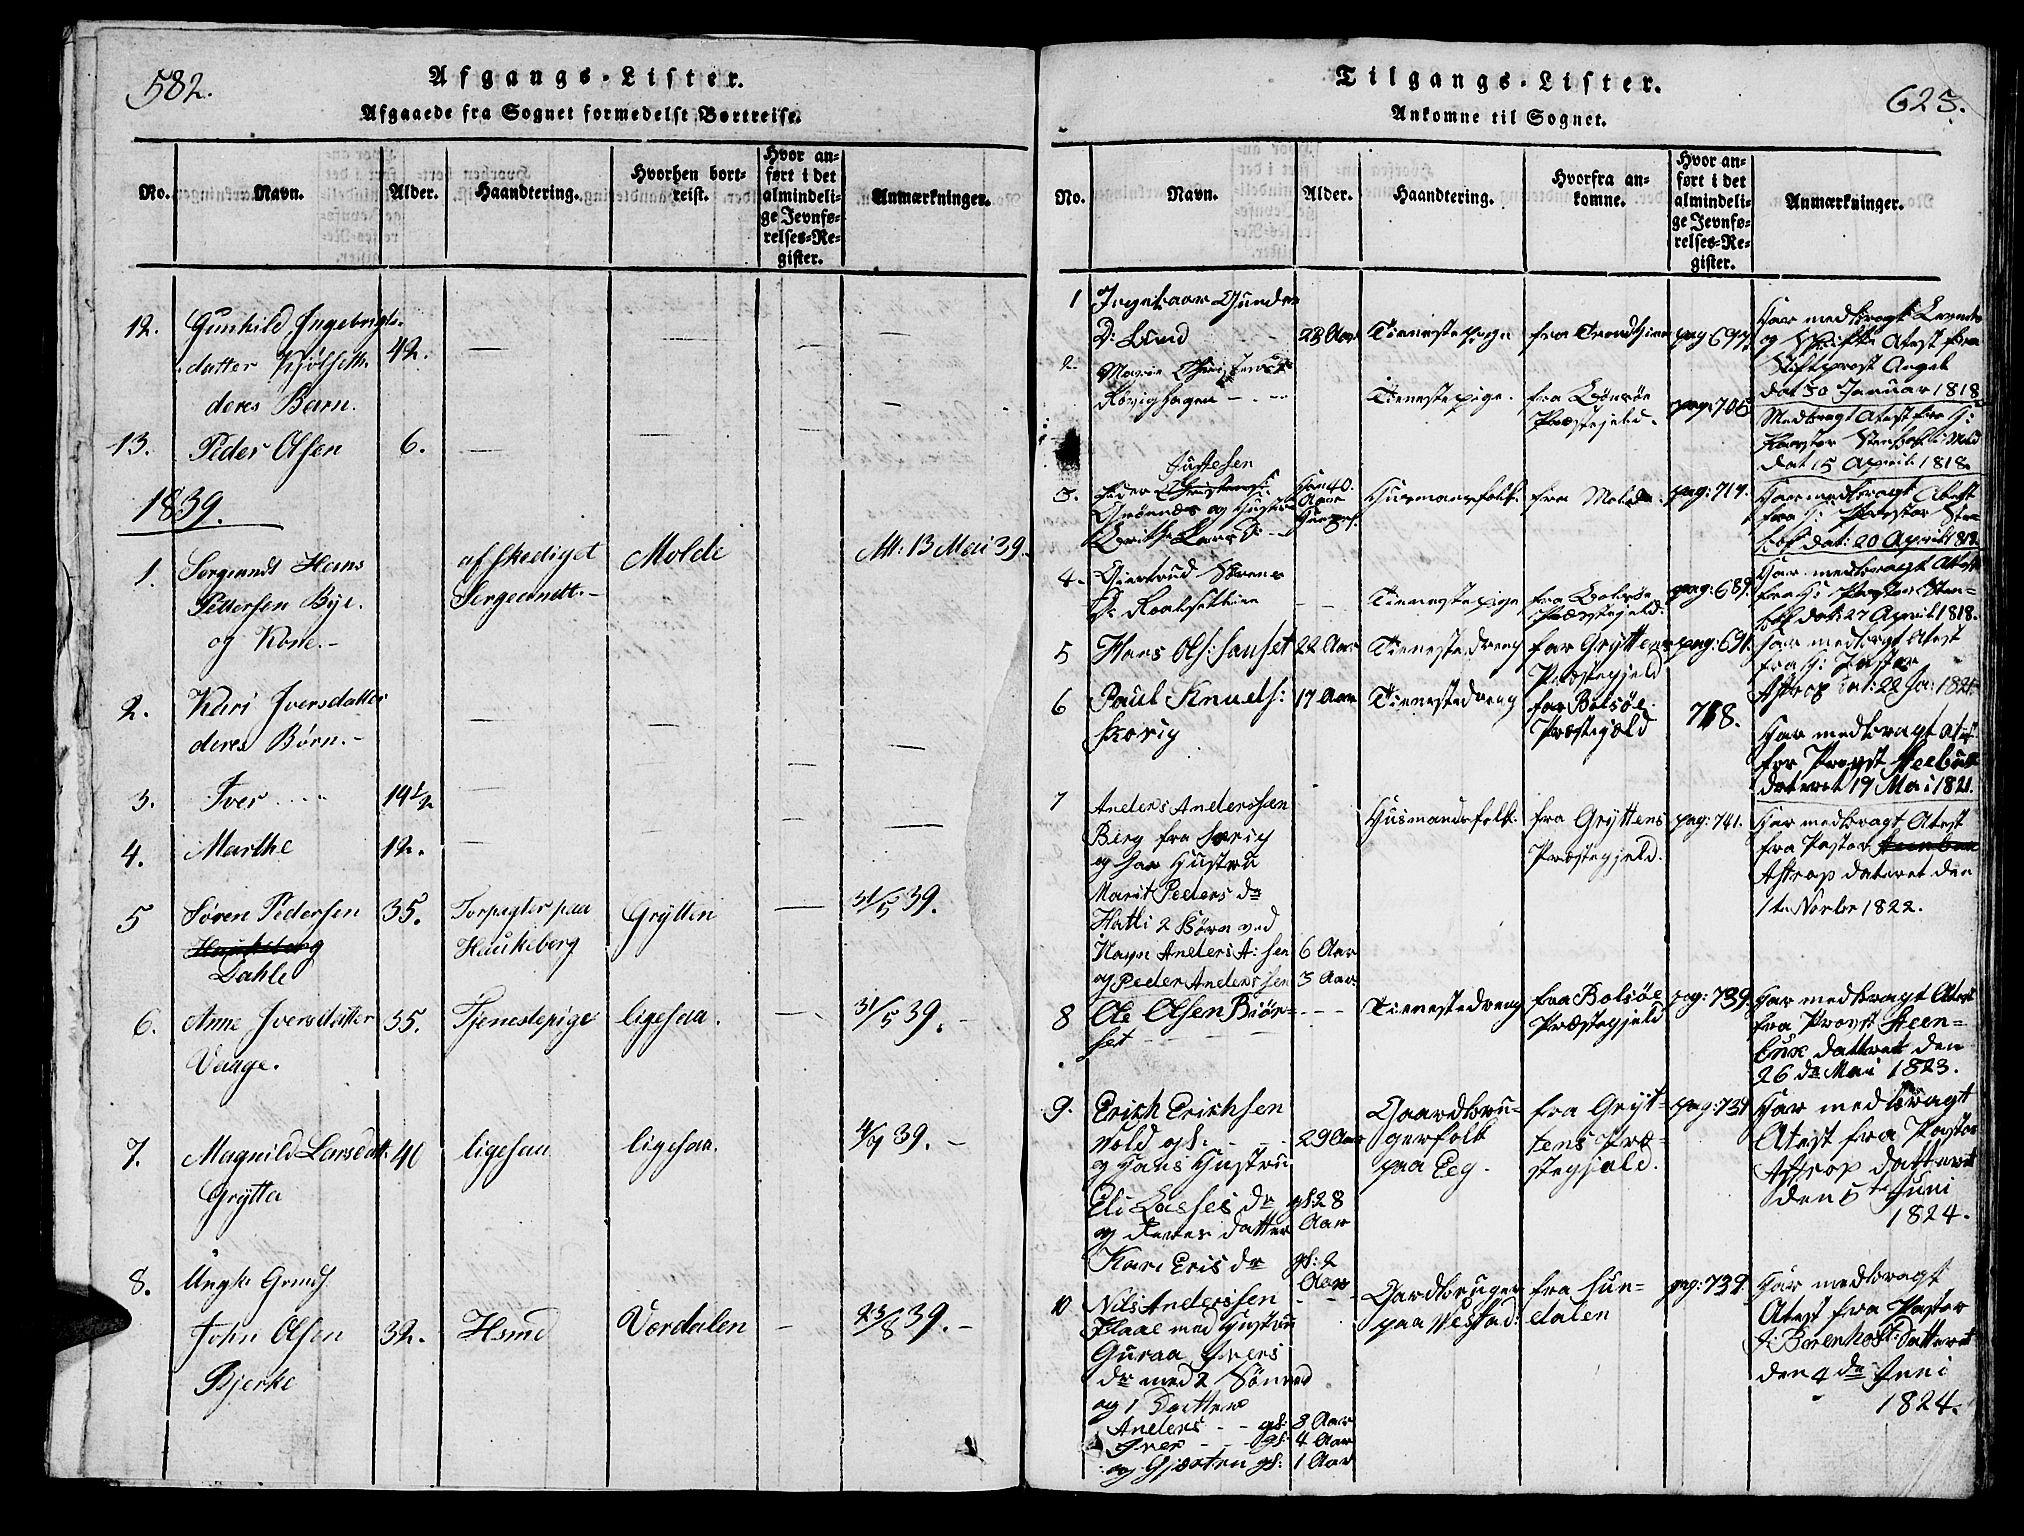 SAT, Ministerialprotokoller, klokkerbøker og fødselsregistre - Møre og Romsdal, 547/L0610: Klokkerbok nr. 547C01, 1818-1839, s. 582